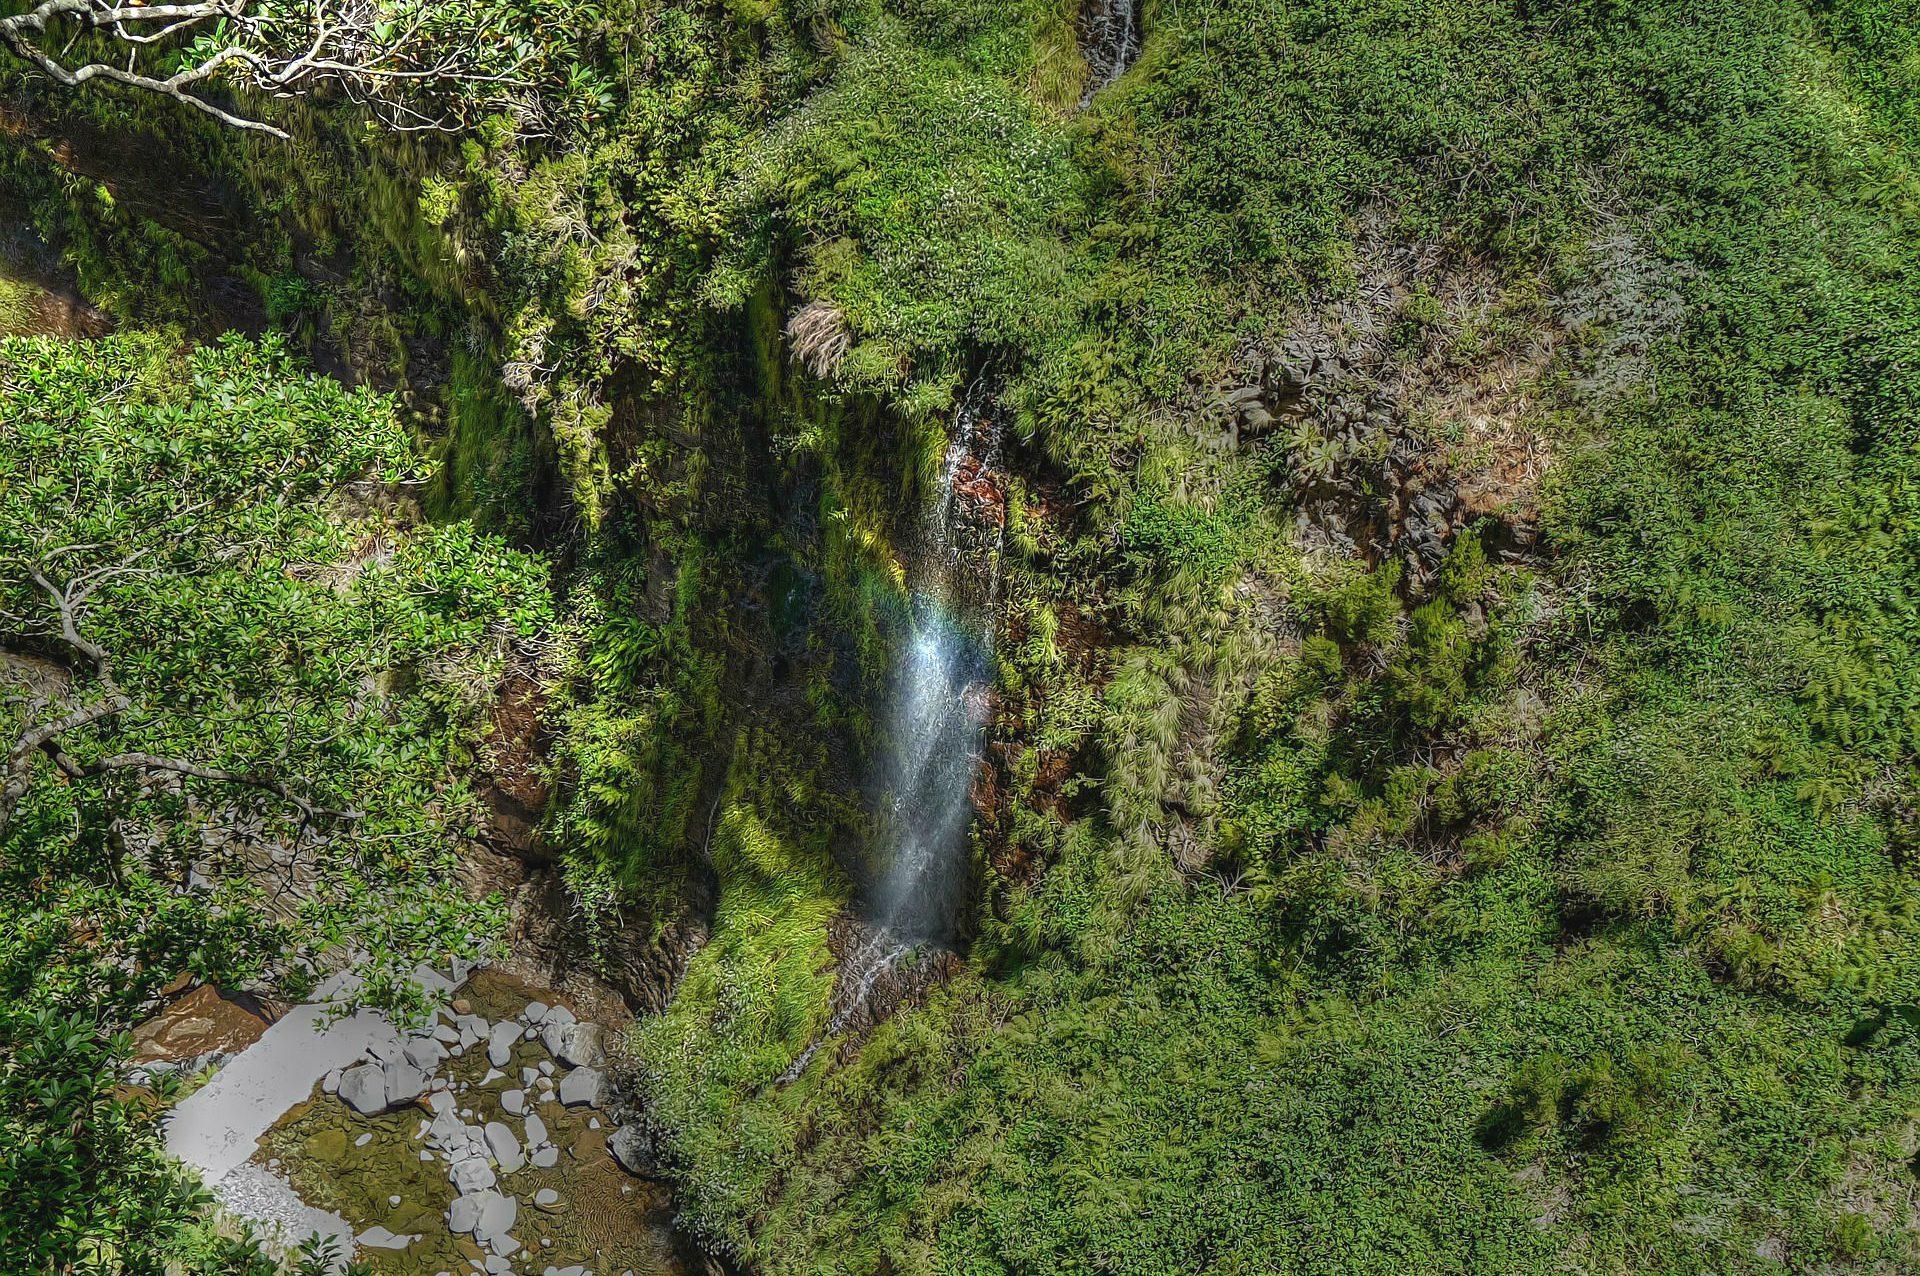 Wasserfälle sind auf Madeira keine Seltenheit